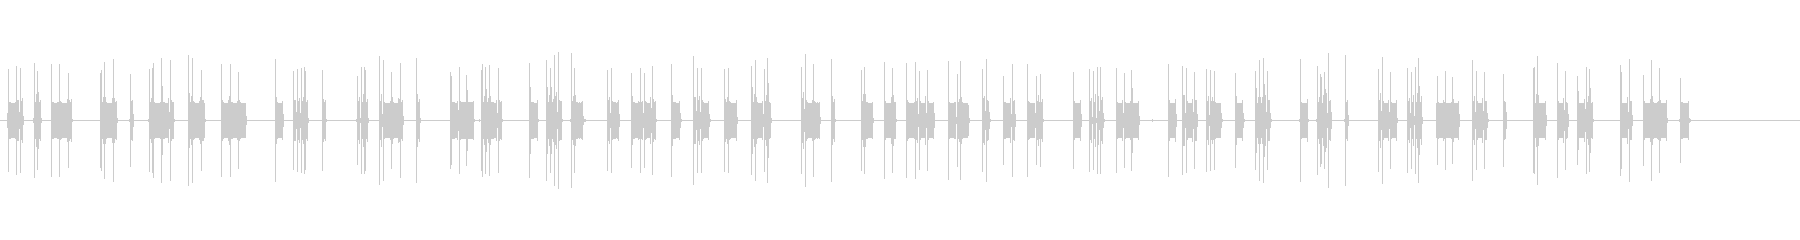 電信-モールス信号-1khzトーン...の未再生の波形